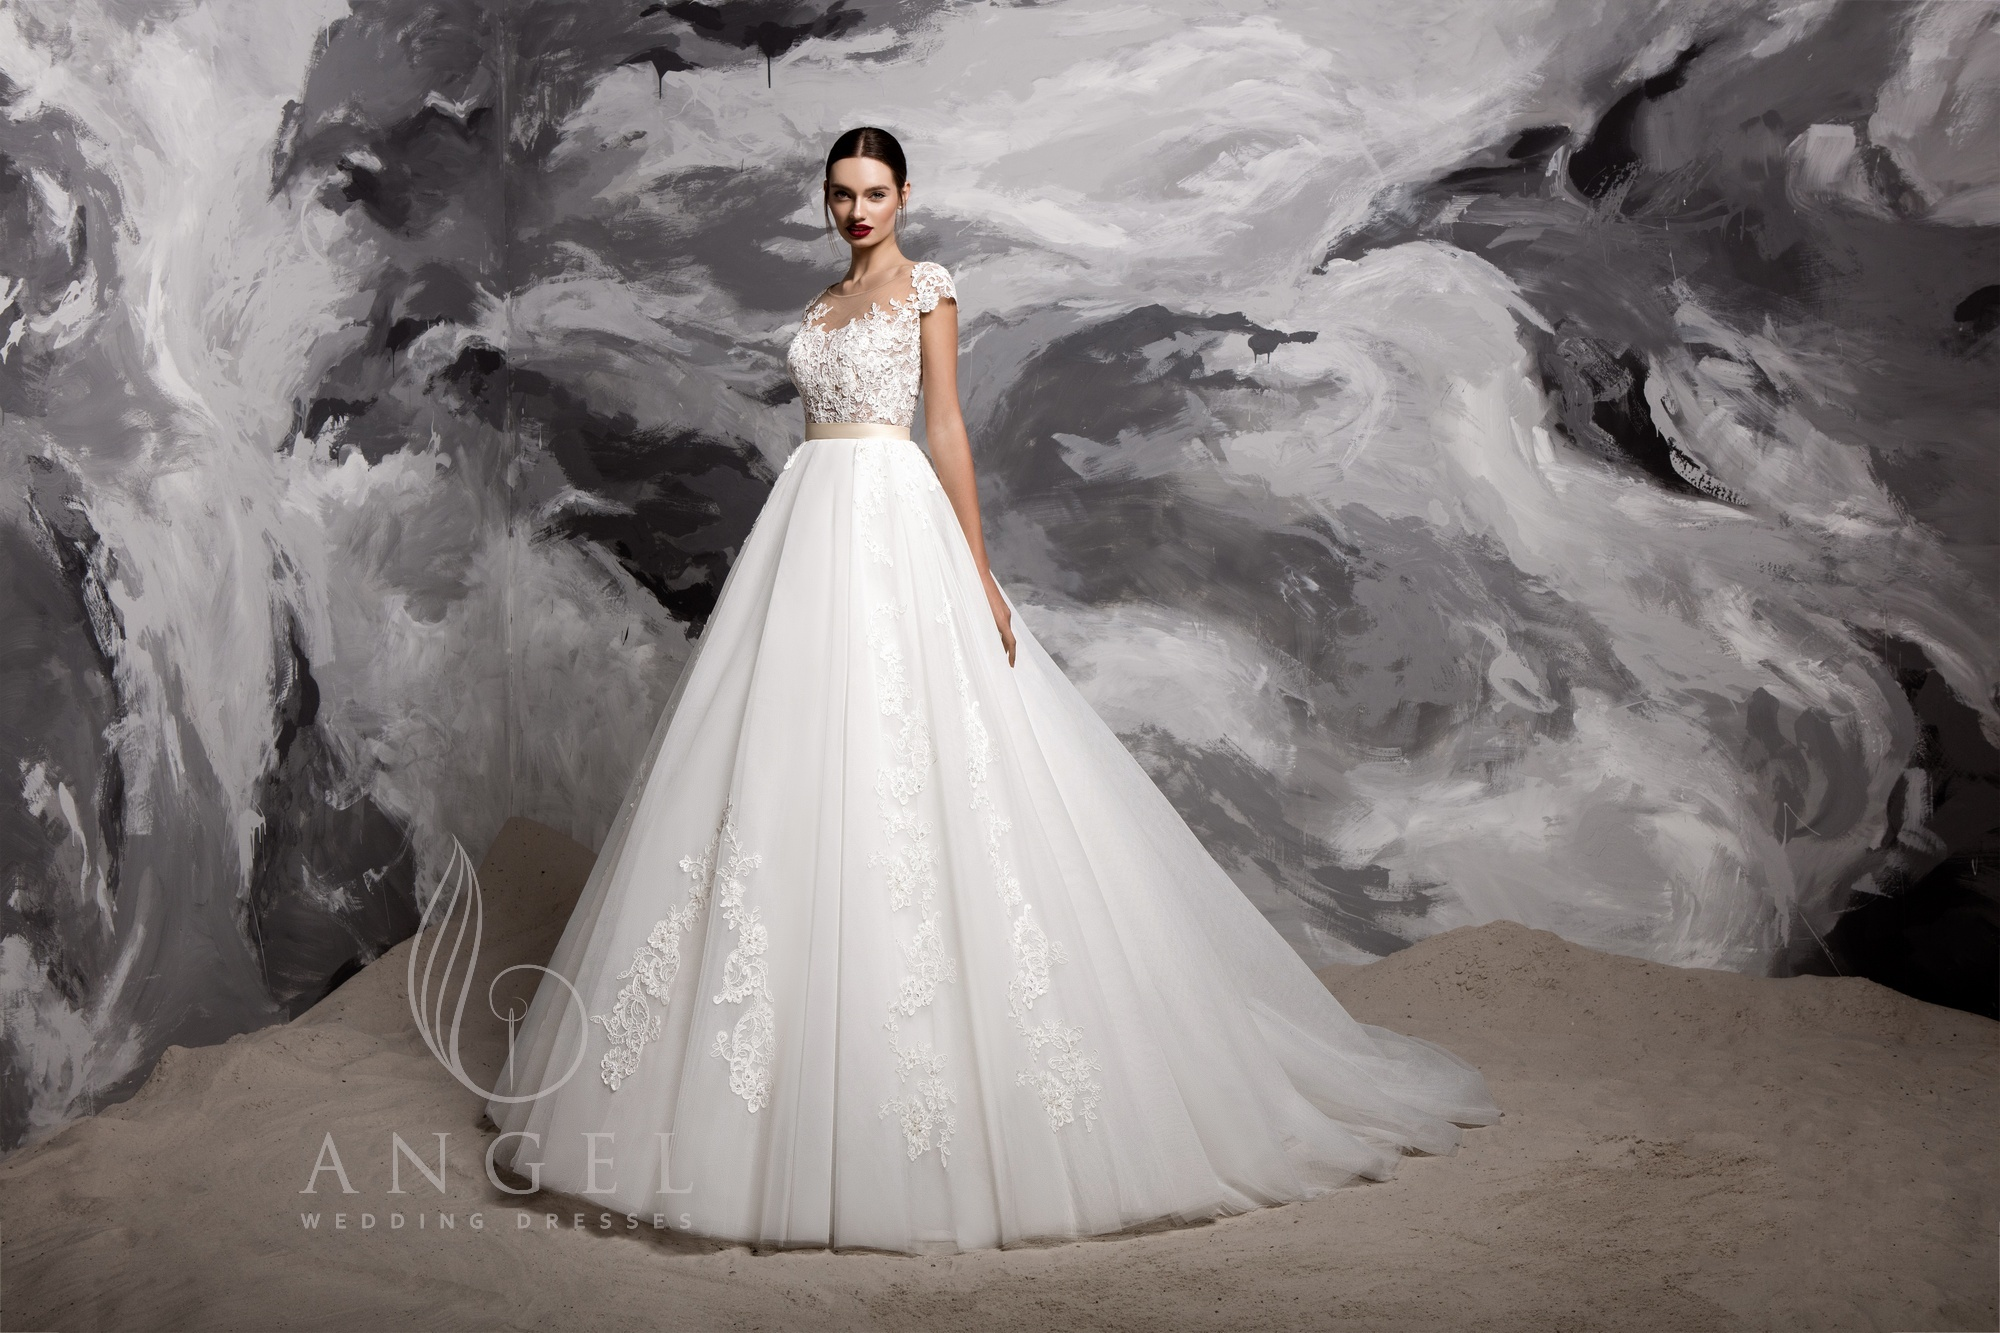 https://angel-novias.com/images/stories/virtuemart/product/Avvi.jpg